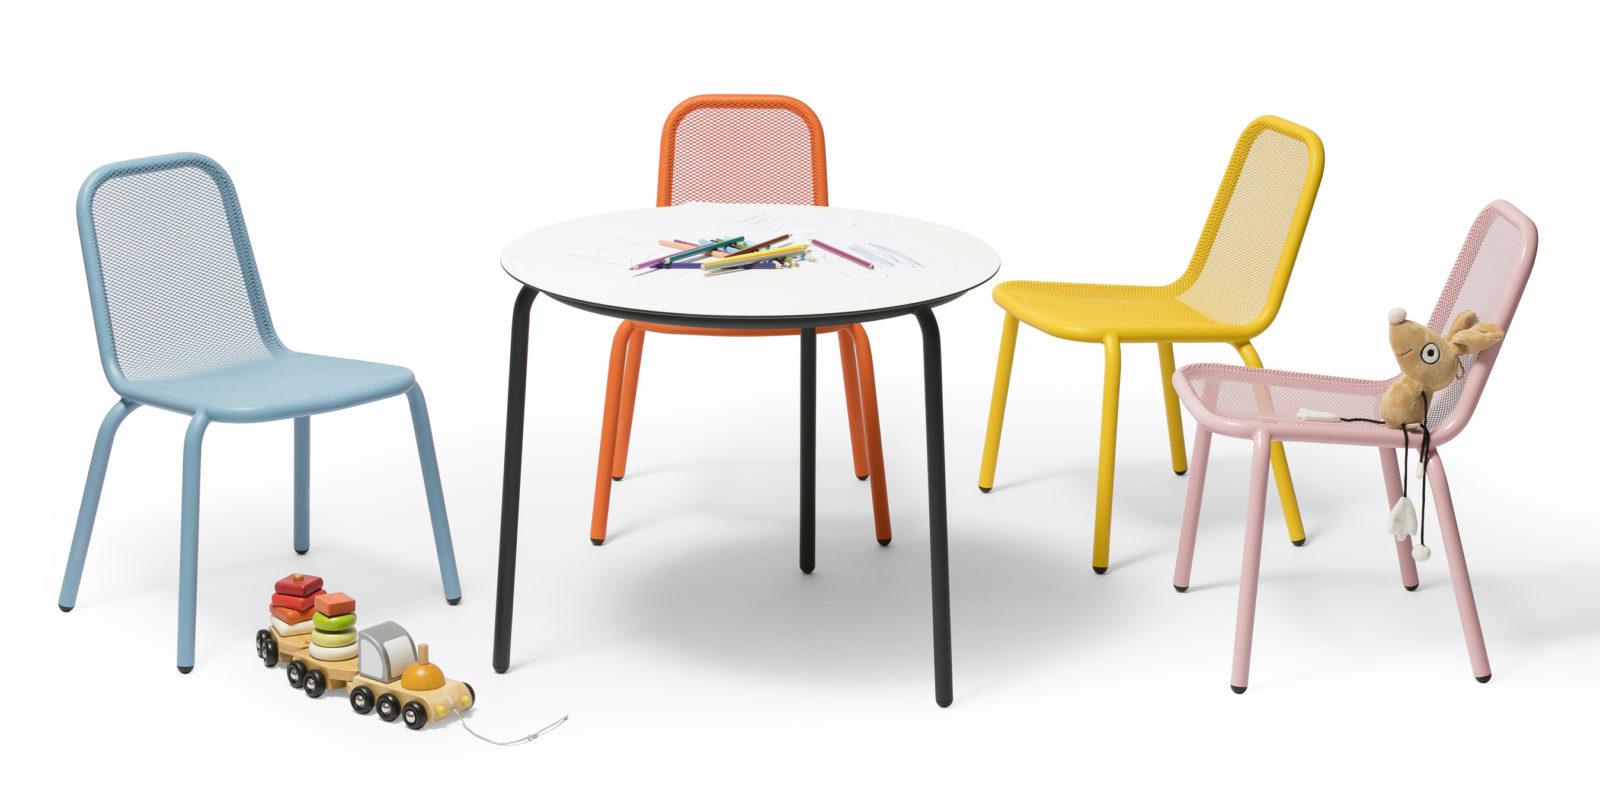 Chaise De Jardin Enfant Starling intérieur Table Et Chaise Jardin Enfant